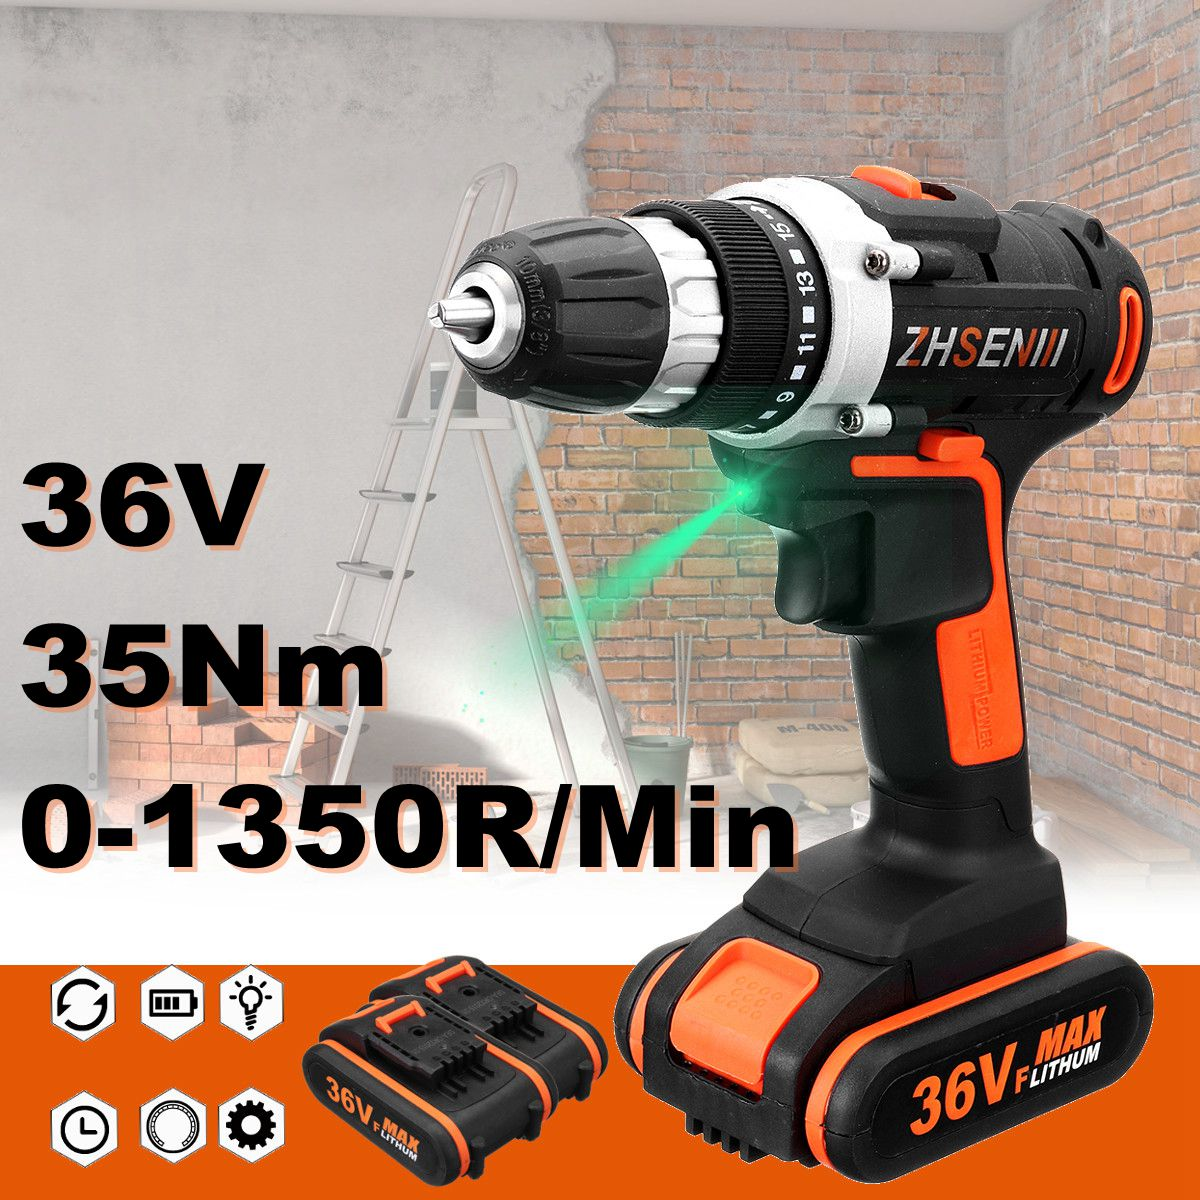 Max 36 V tournevis électrique batterie au Lithium Rechargeable Parafusadeira Furadeira multi-fonction perceuse sans fil outils électriques